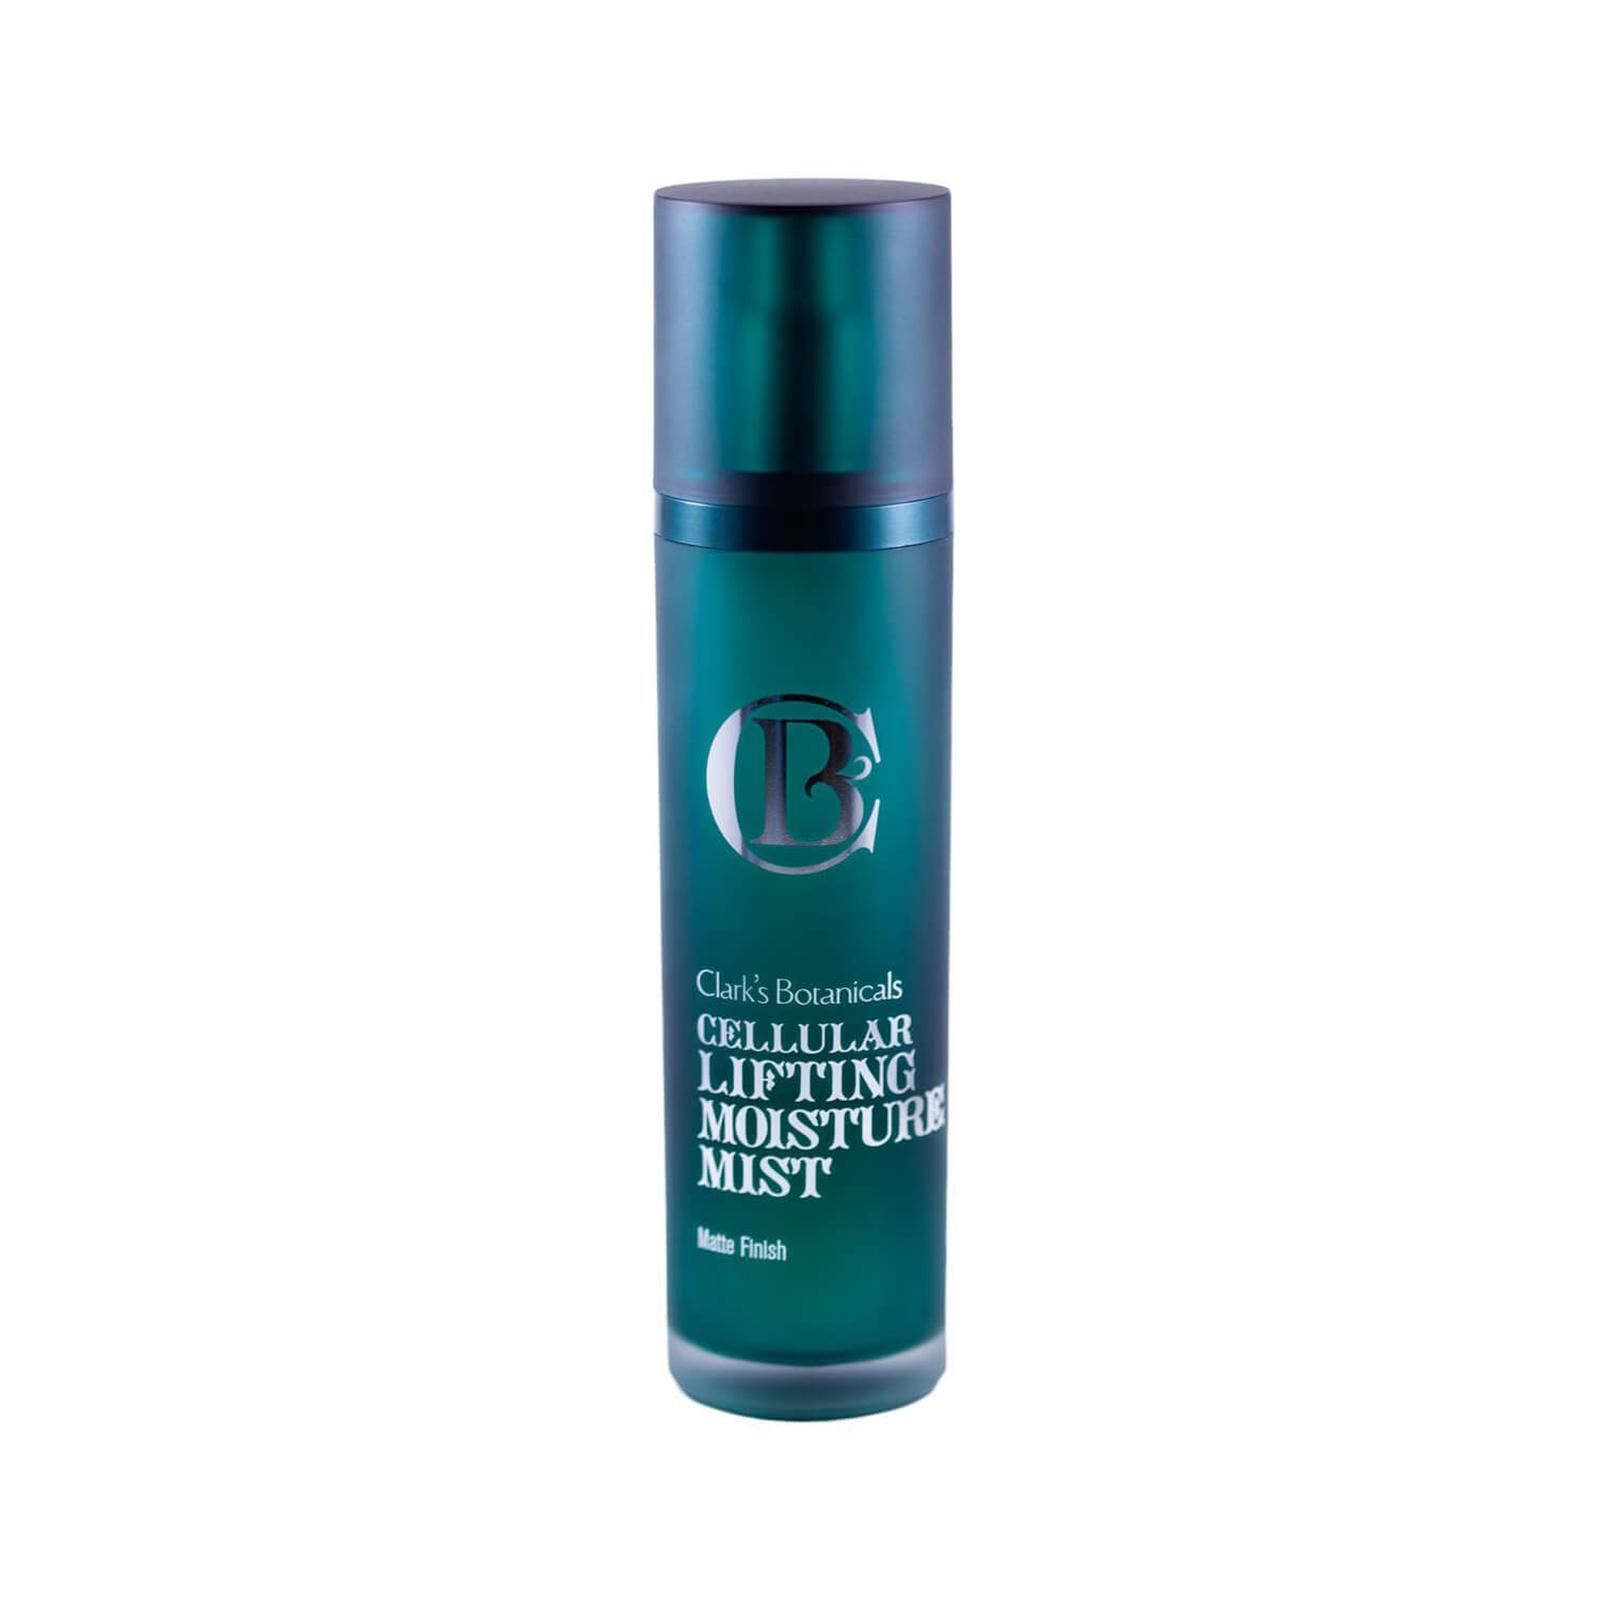 Description. Freshen up while rejuvenating your skin with Clark's  Botanicals Cellular ...